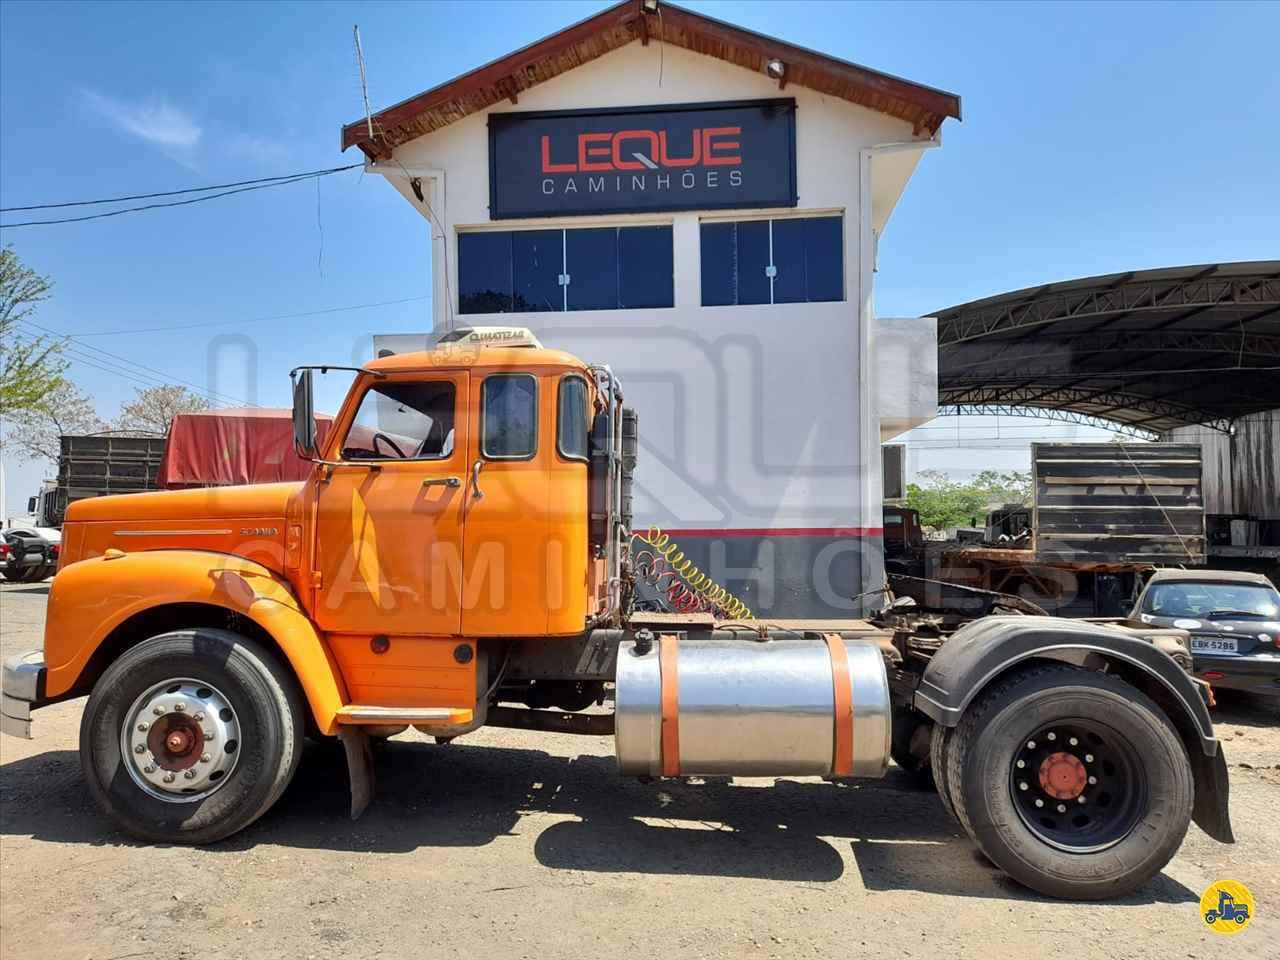 CAMINHAO SCANIA SCANIA 111 Cavalo Mecânico Toco 4x2 Leque Caminhões  PIRACICABA SÃO PAULO SP